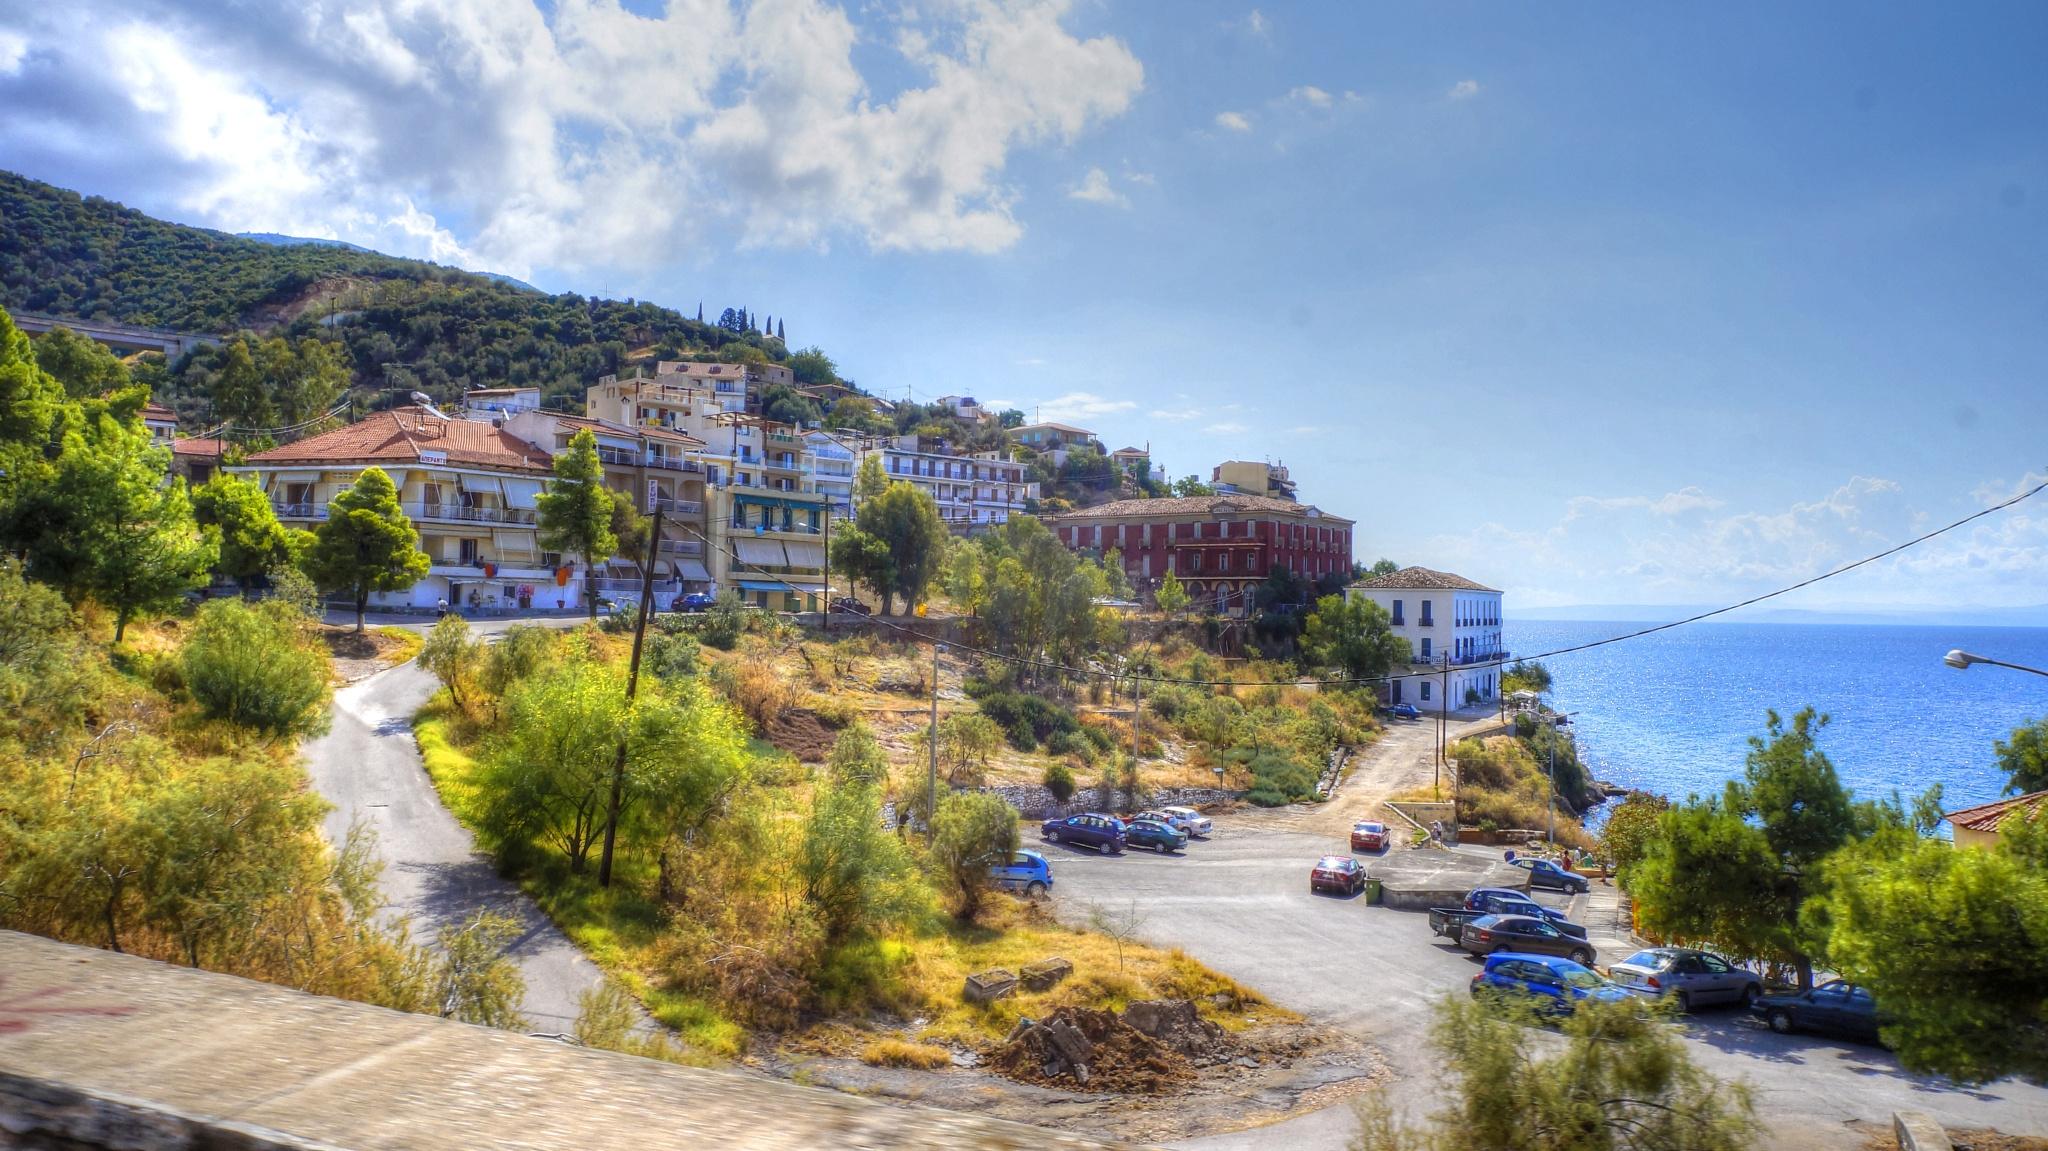 joy  of greece islands  by ETOD